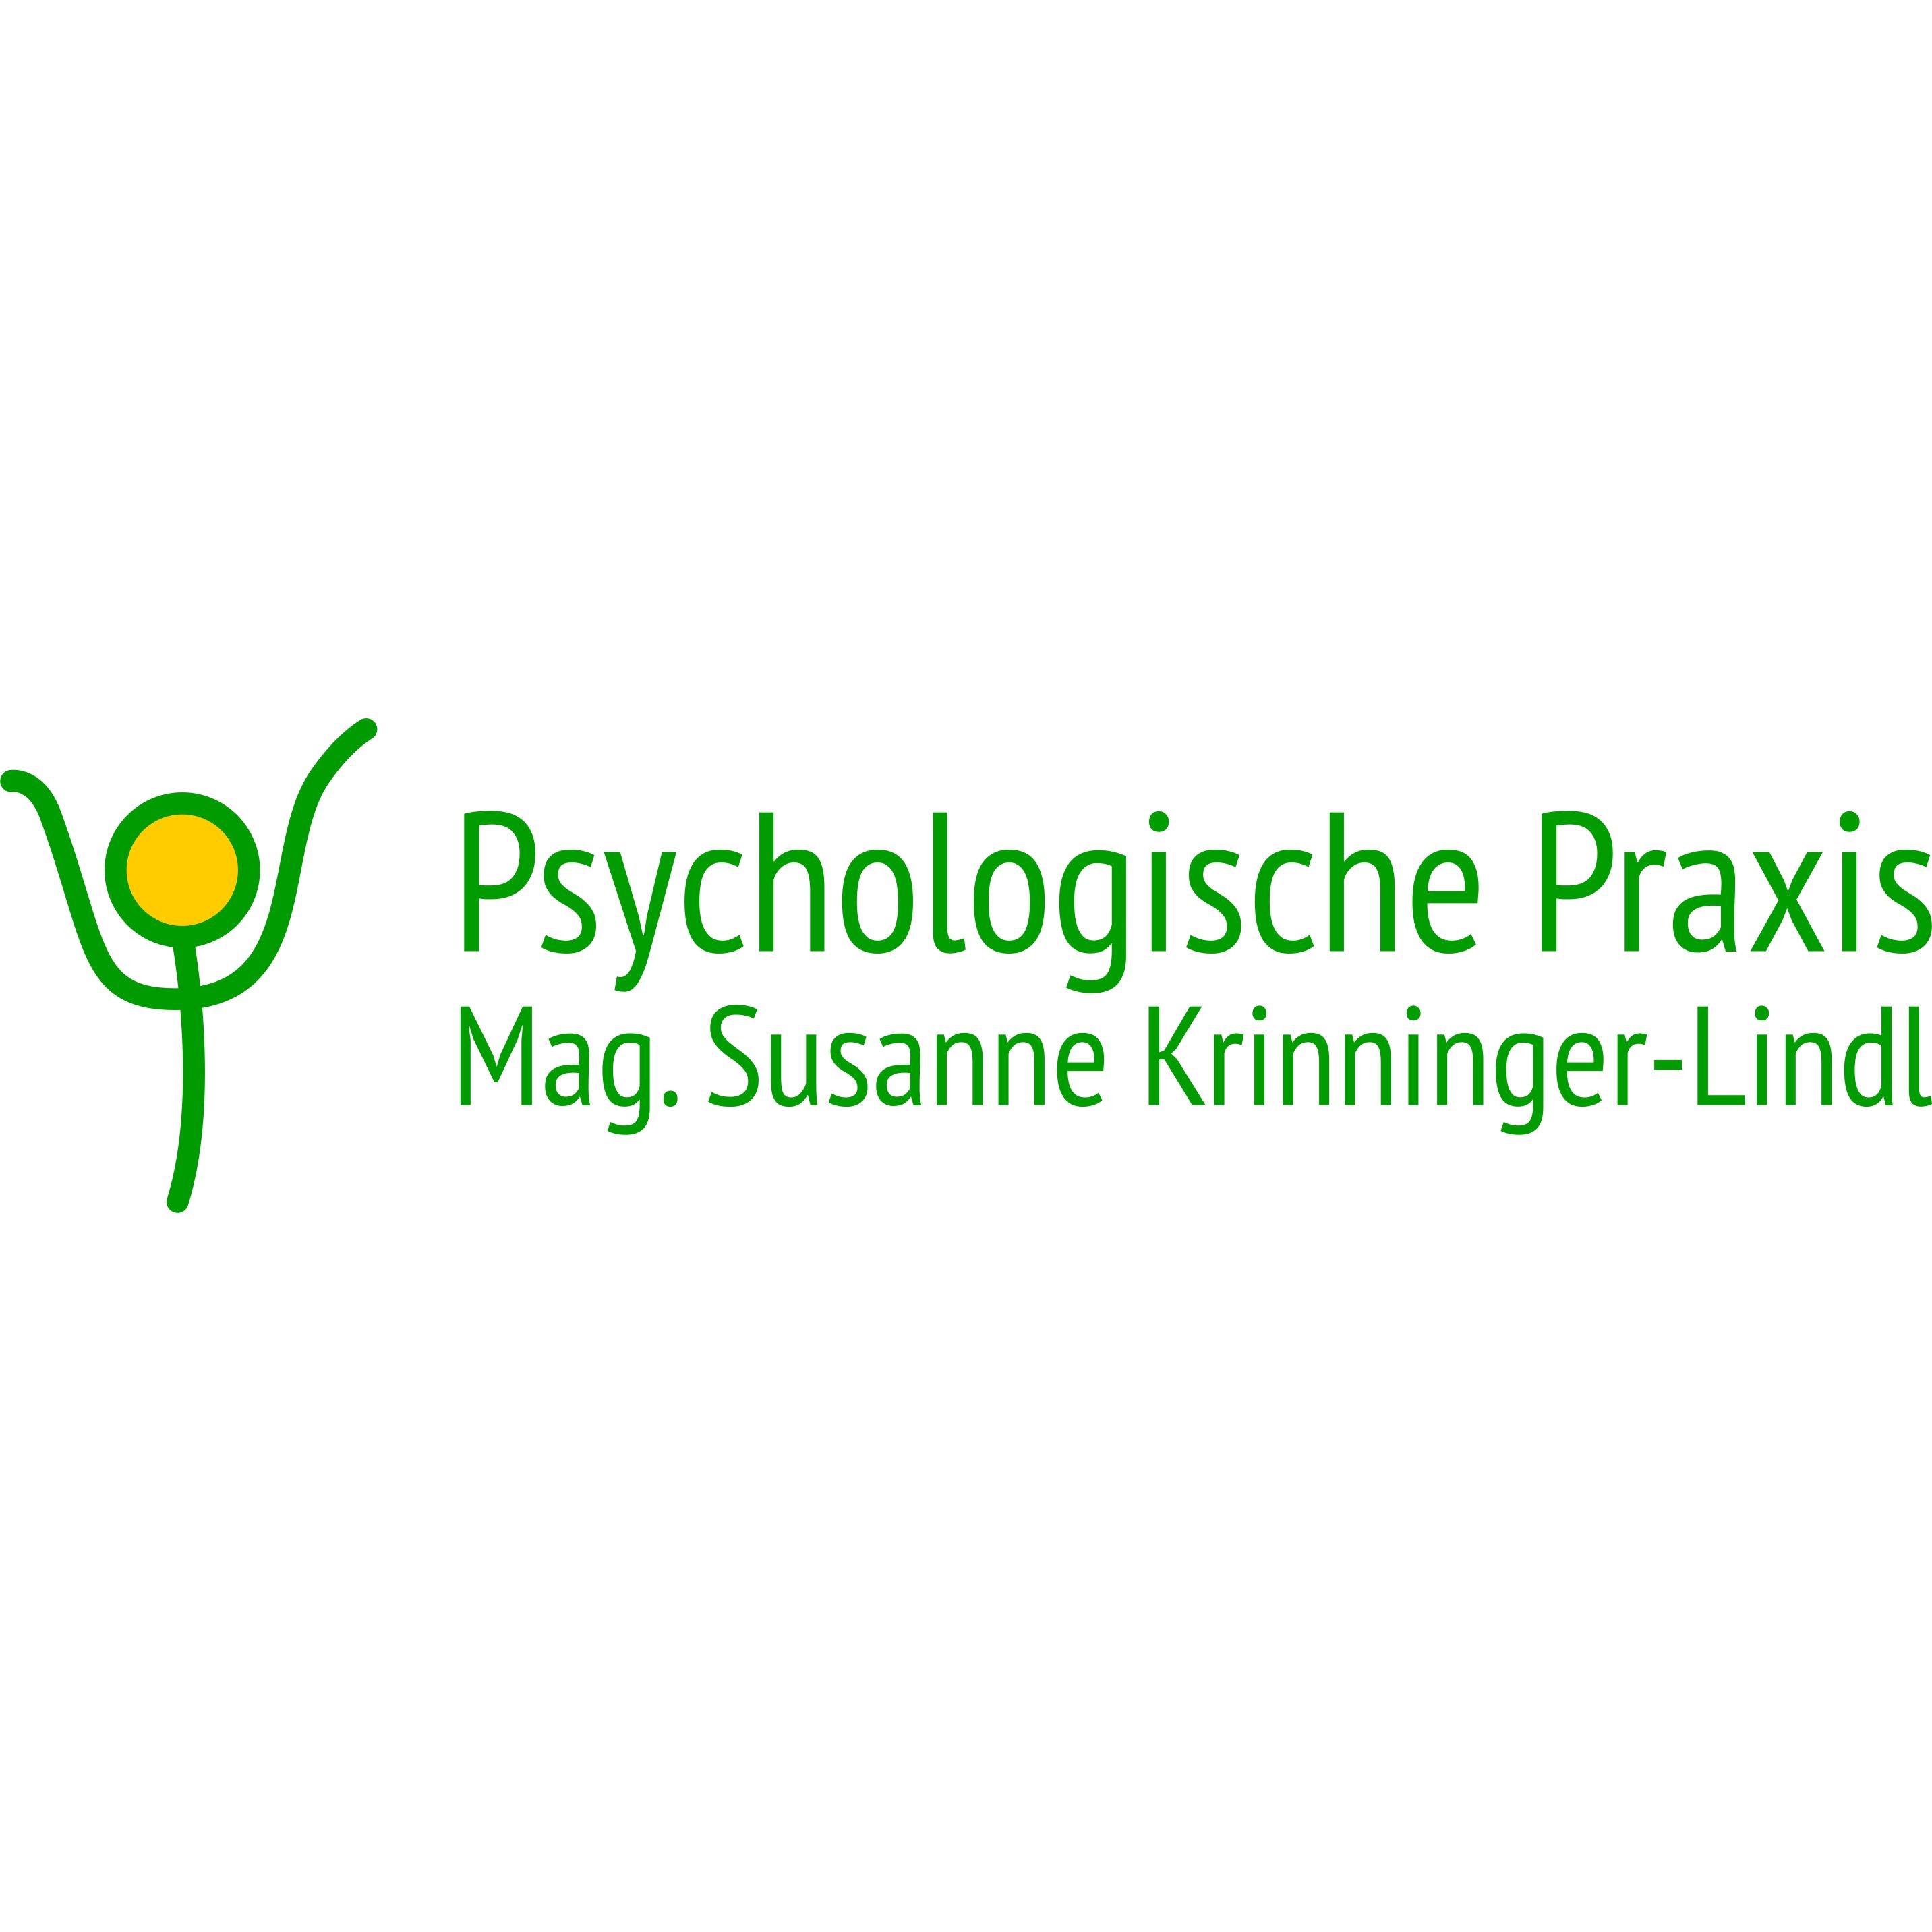 Praxis für Klinische und Gesundheitspsychologie - Mag. Susanne Krinninger-Lindl